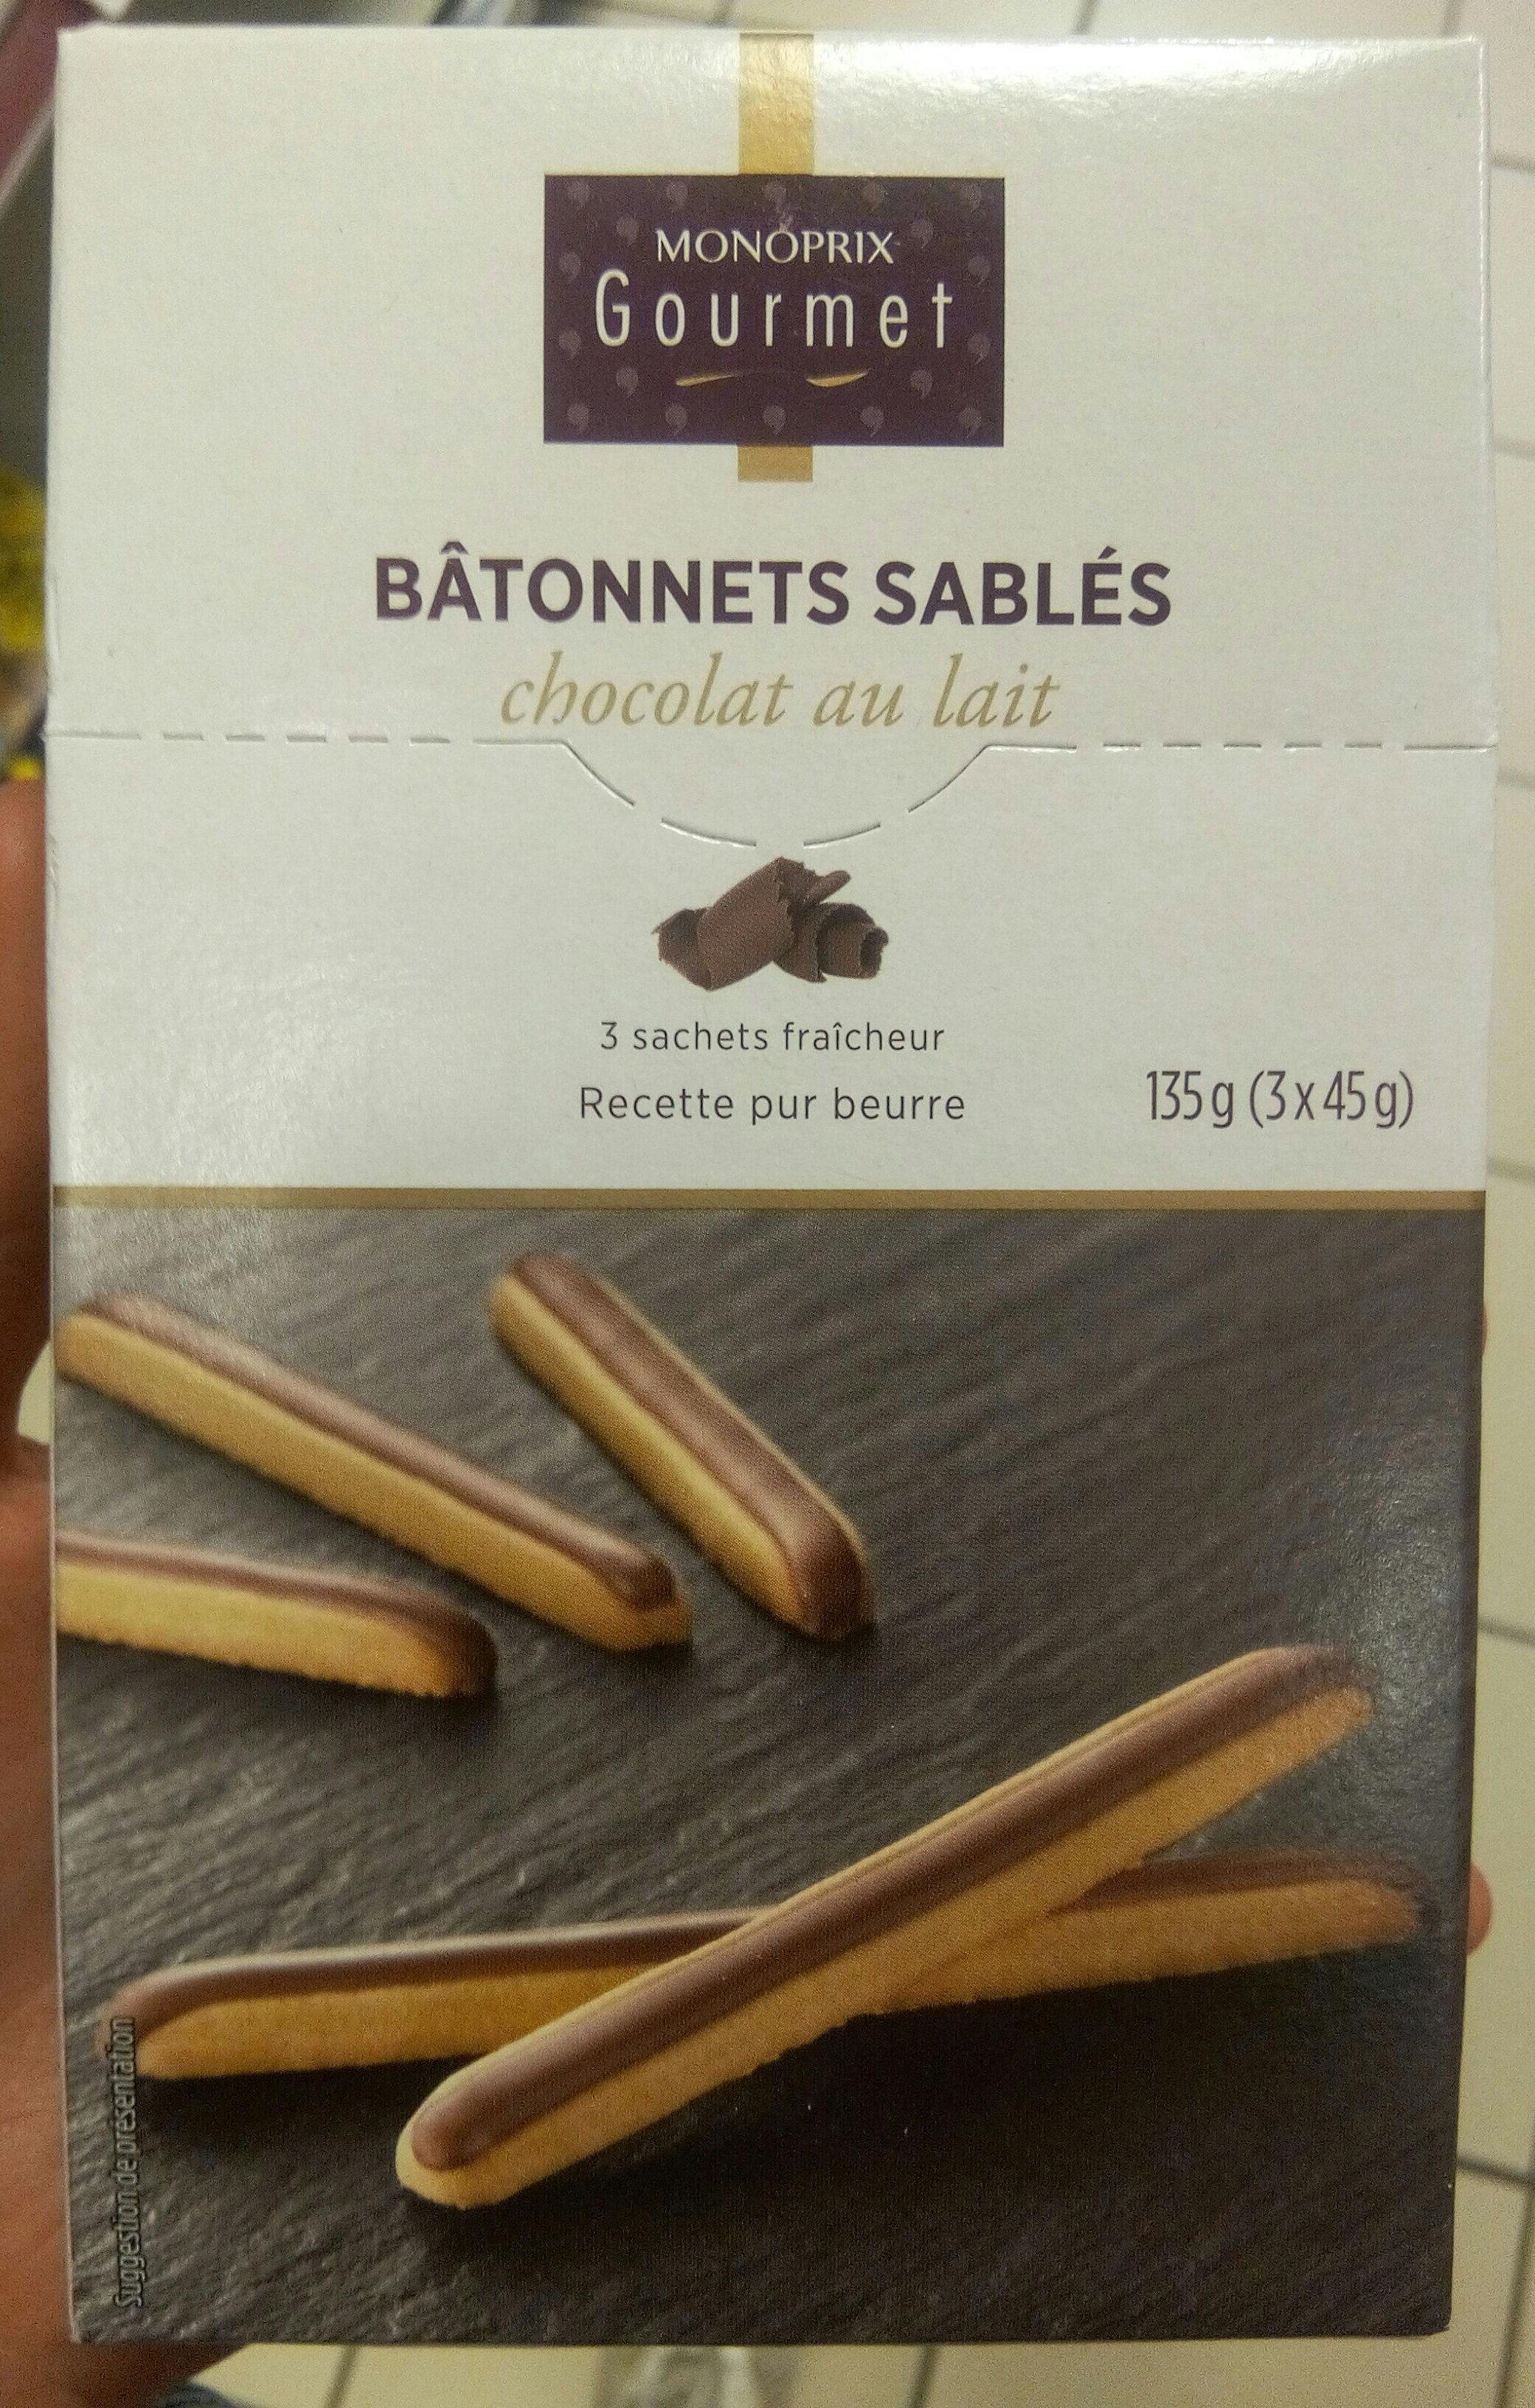 Bâtonnets sablés chocolat au lait - Product - fr